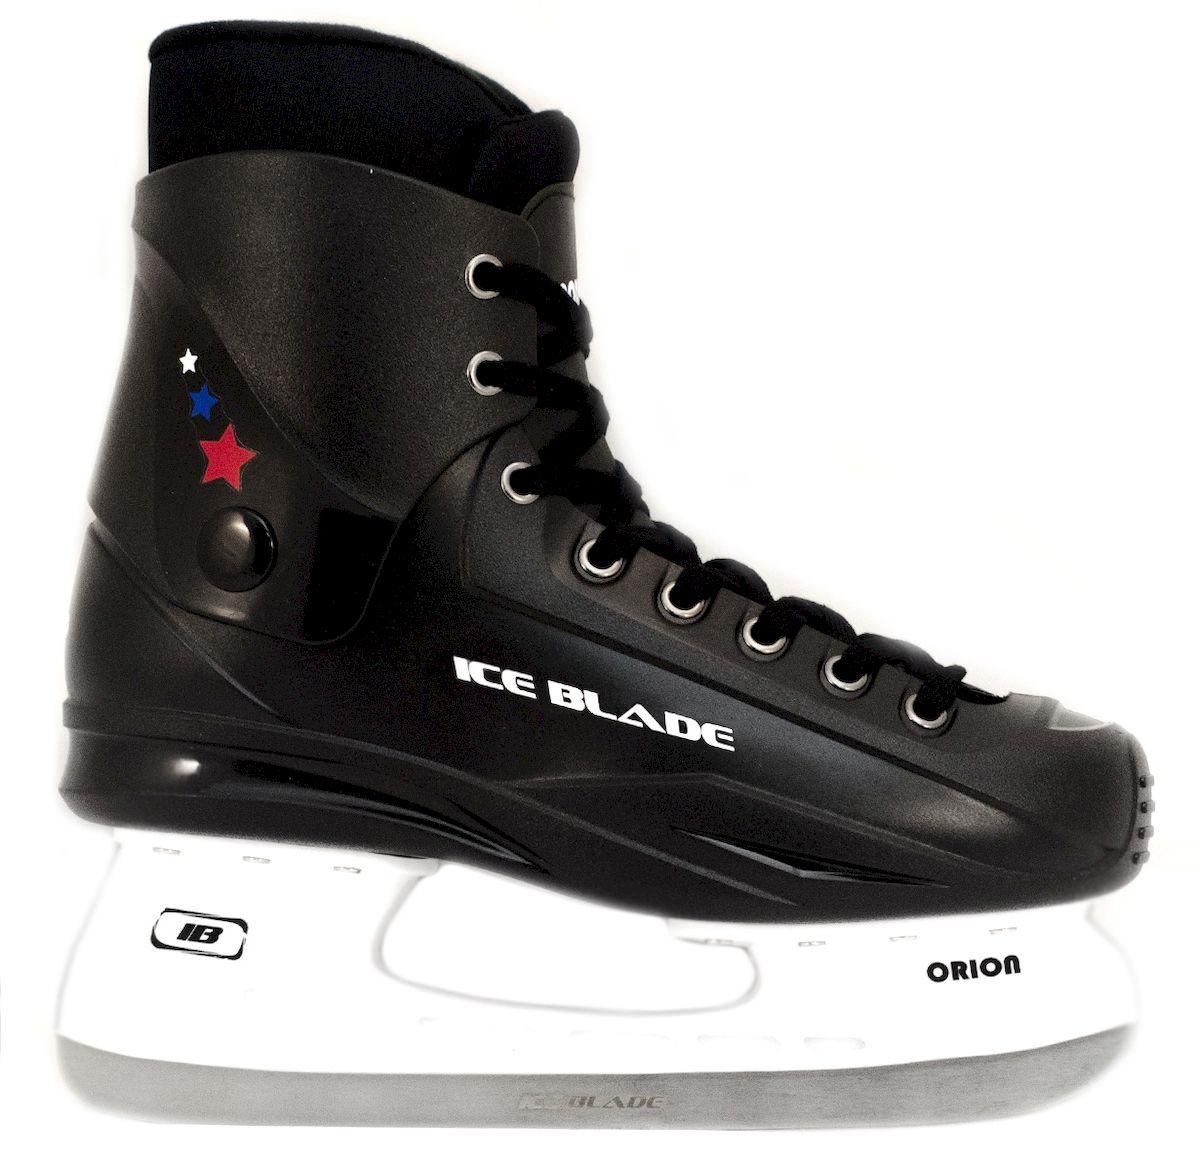 Коньки хоккейные Ice Blade Orion, цвет: черный. УТ-00004984. Размер 36УТ-00004984Коньки хоккейные Orion - это хоккейные коньки для любых возрастов. Конструкция Ice Blade Orion прекрасно защищает стопу, очень комфортно для активного катания, а также позволяет играть в хоккей. Легкий пластиковый ботинок хоккейных коньков Ice Blade Orion очень комфортный как для простого катания на льду, так и для любительского хоккея. Внутренний сапожок утеплен мягким и дышащим материалом, а язычок усилен специальной вставкой для большей безопасности Вашей стопы. Модель Ice Blade Orion также прекрасно подойдет и для коммерческого использования. Данную модель часто покупают для использования в прокате. Материал: Выполнены из высококачественного морозостойкого пластика и нейлоновой сетки. Внутренняя часть отделана мягким вельветом. Материал лезвия - высокоуглеродистая сталь. Основные характеристики: Назначение: хоккейные коньки Тип фиксации: шнурки Дополнительные характеристики: Материал ботинка: высококачественный морозостойкий пластик и нейлоновая сетка...